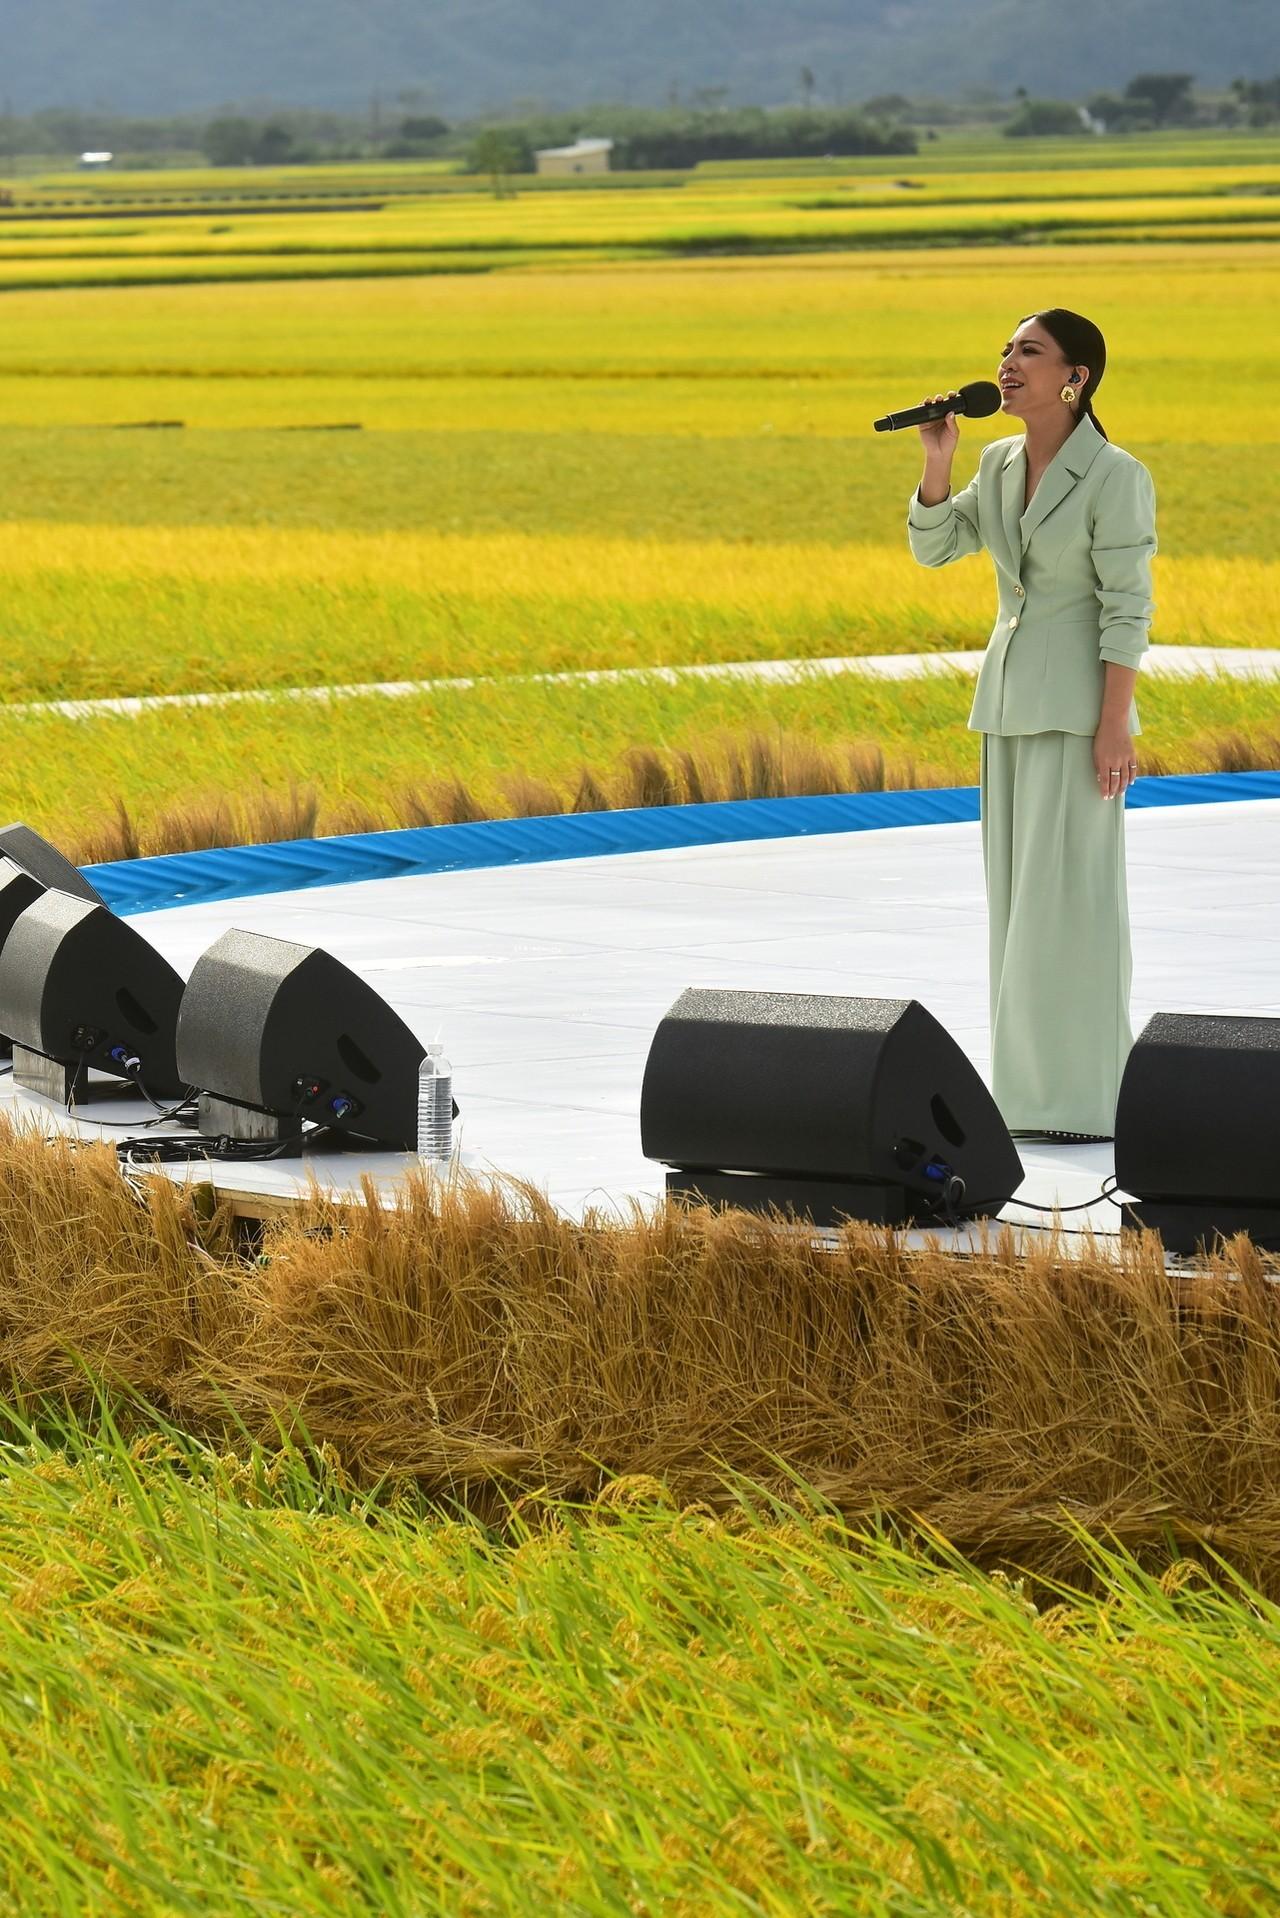 艾怡良參加「池上秋收稻穗藝術節」。圖 / 台灣好基金會提供